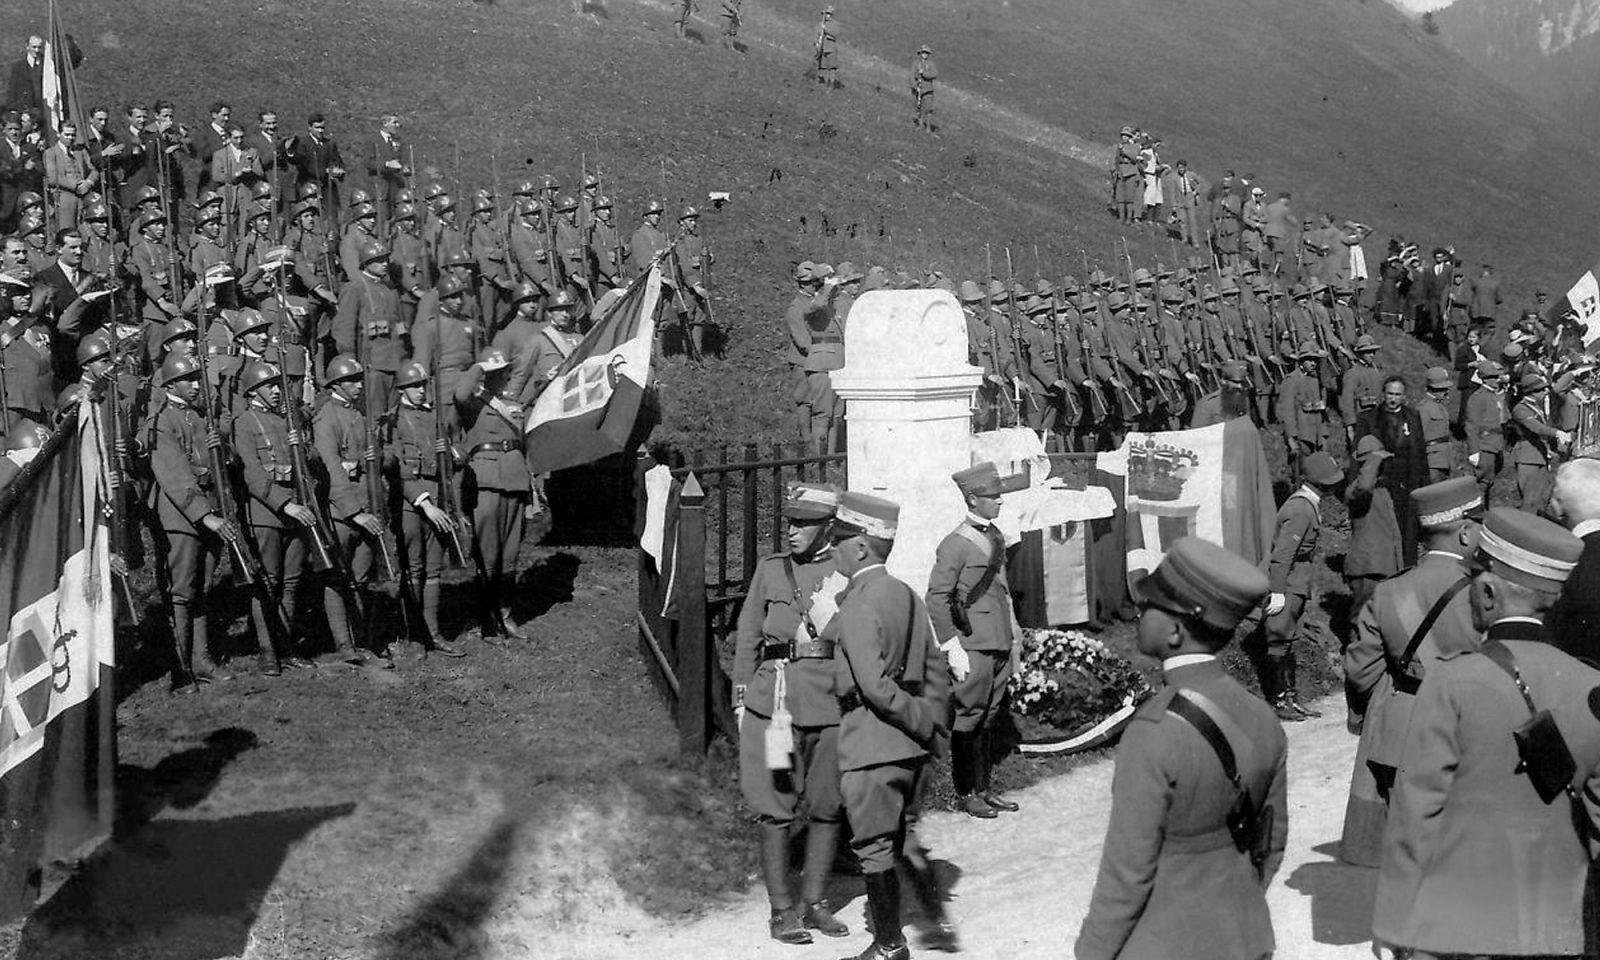 """Enthüllung des neuen Grenzsteines am Brennerpaß 1921: Die Befreiung der angeblich """"unerlösten"""" italienischen Gebiete als Kriegsziel"""